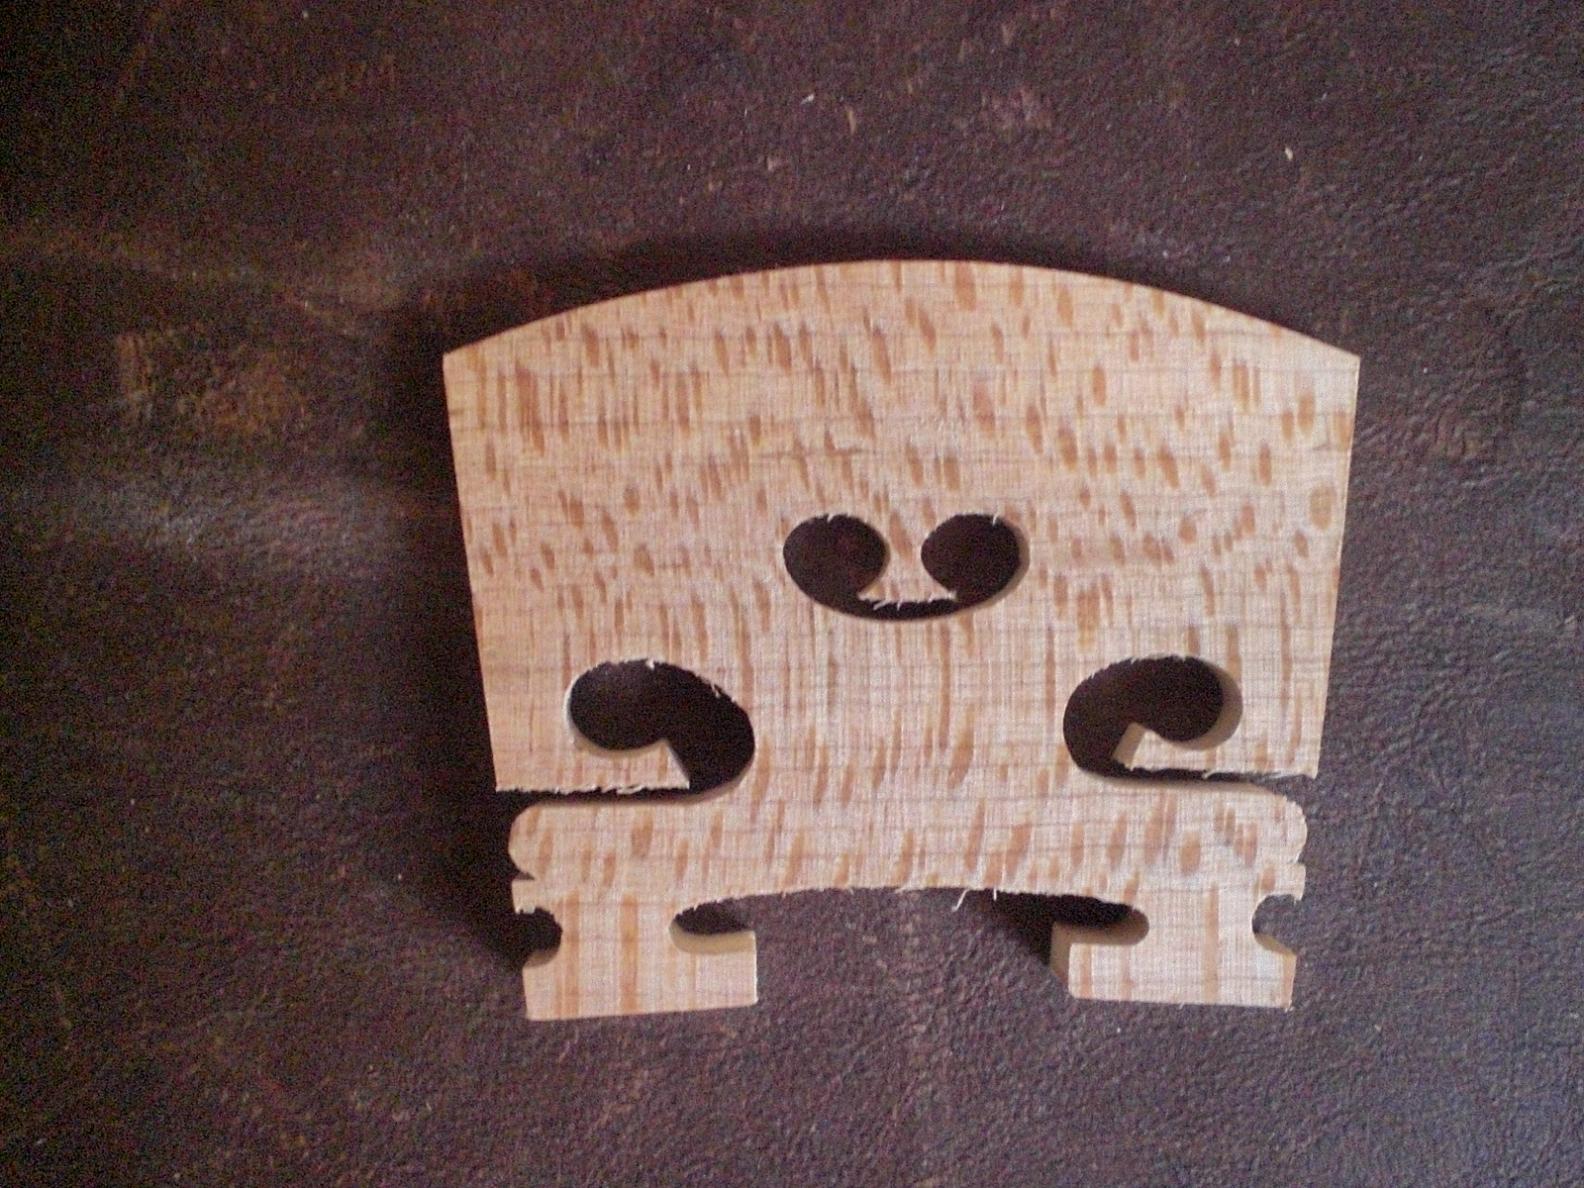 30 대의 PC 4/4 메이플 바이올린 다리 노화 된 단풍 나무 다리 바이올린 부품